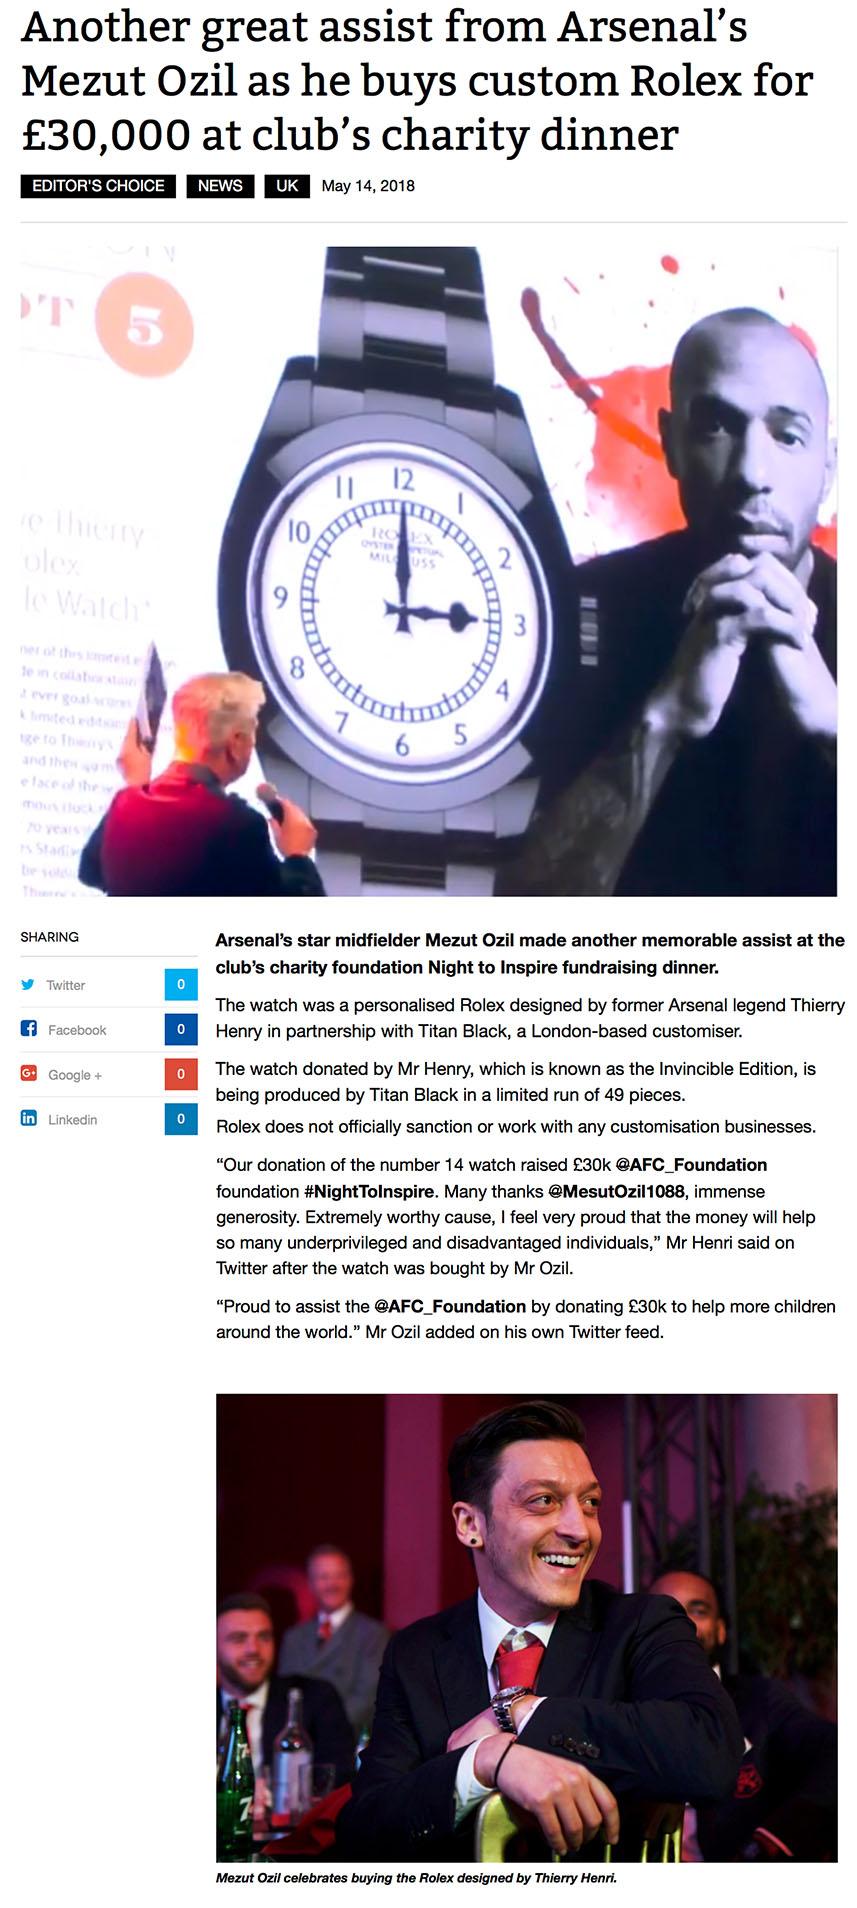 watchpro_article_0.jpg